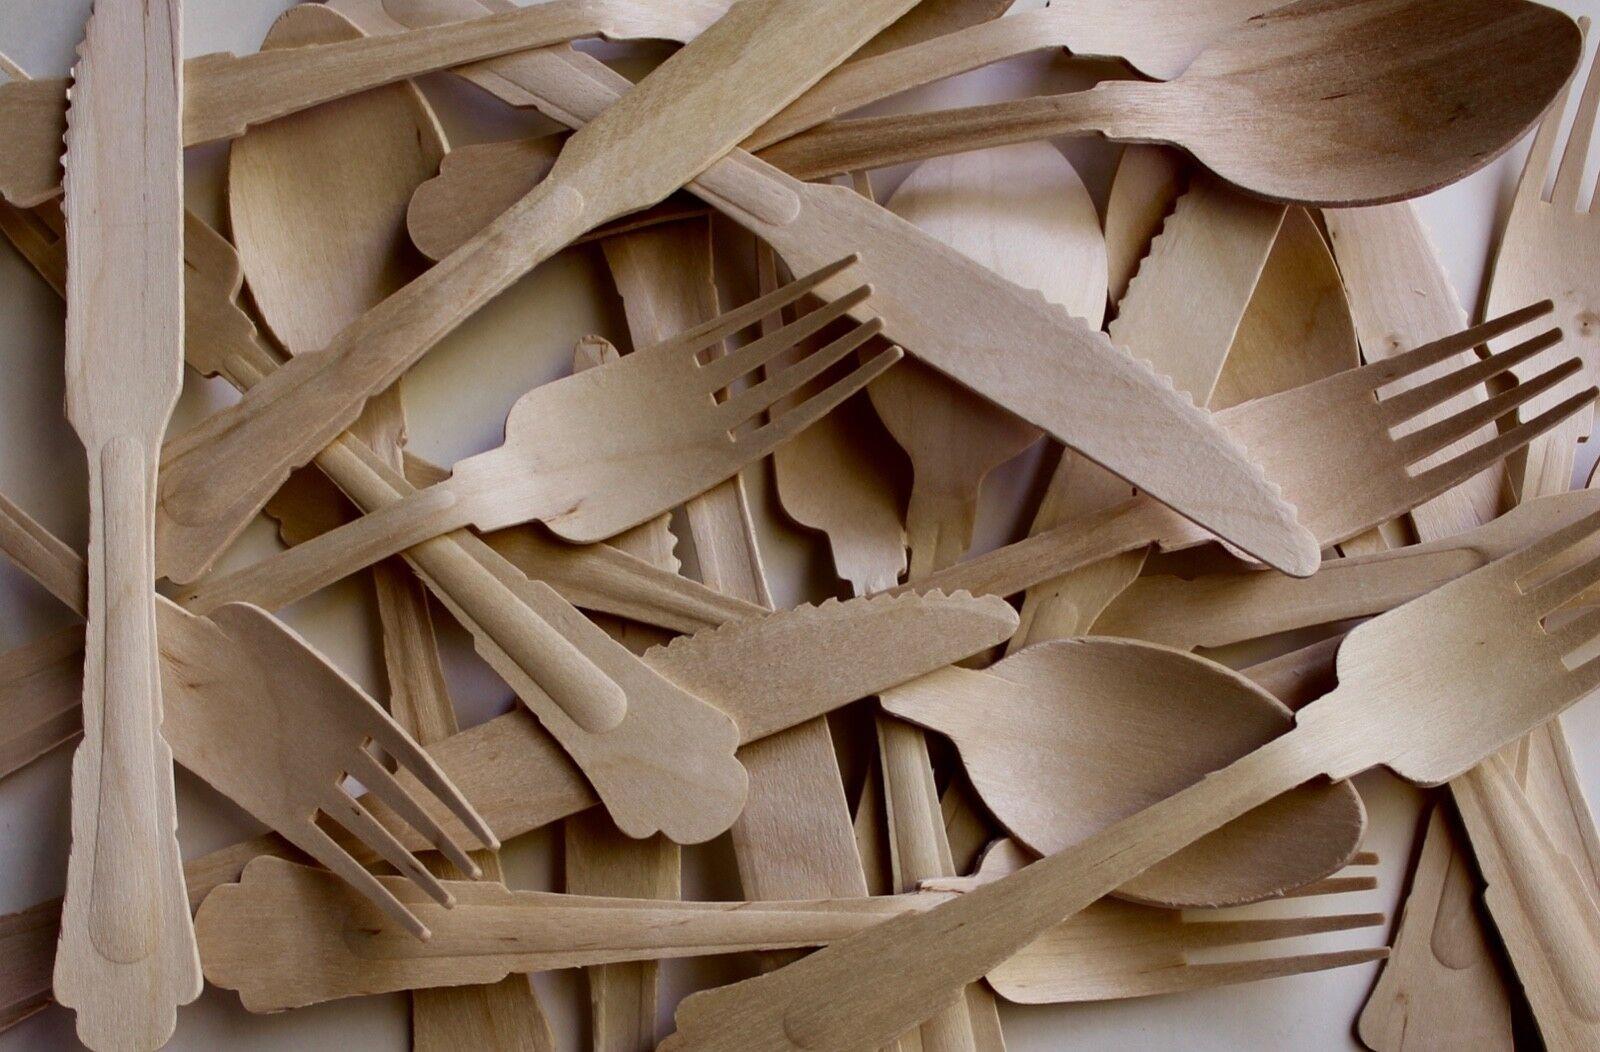 Wooden birch cutelry set 900- fork-spoons-knife 300 of each